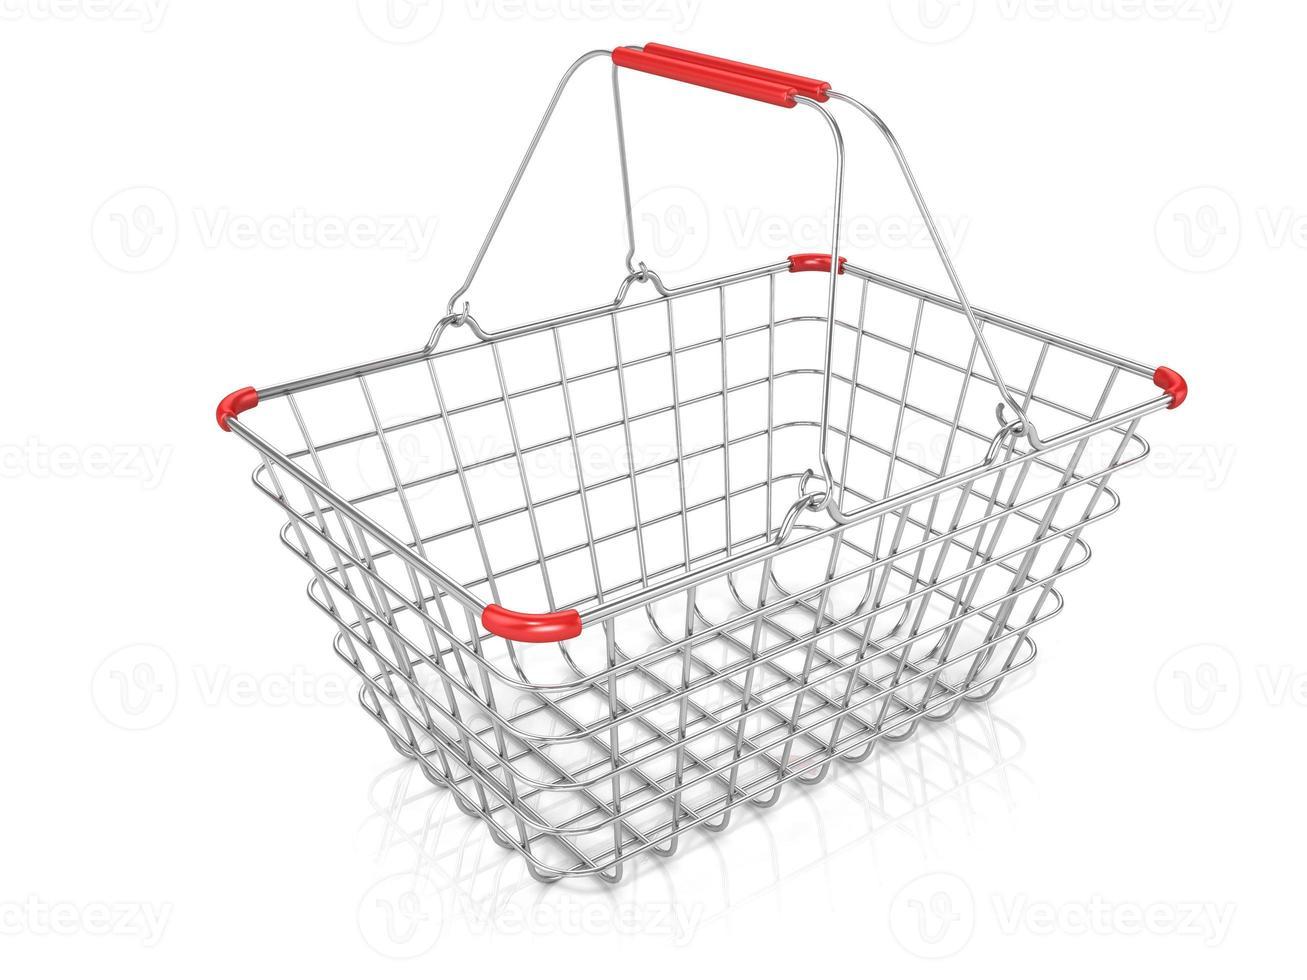 Einkaufskorb aus Stahldraht foto